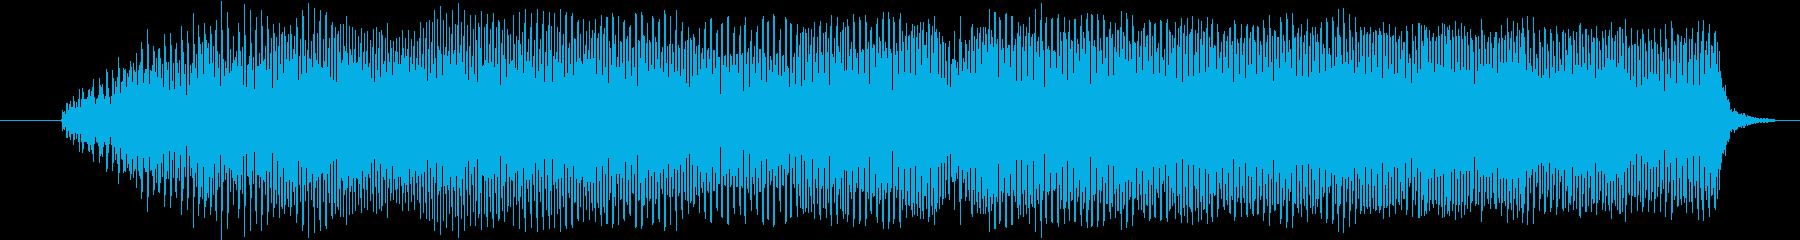 「あああああ」カルグラ発声の再生済みの波形